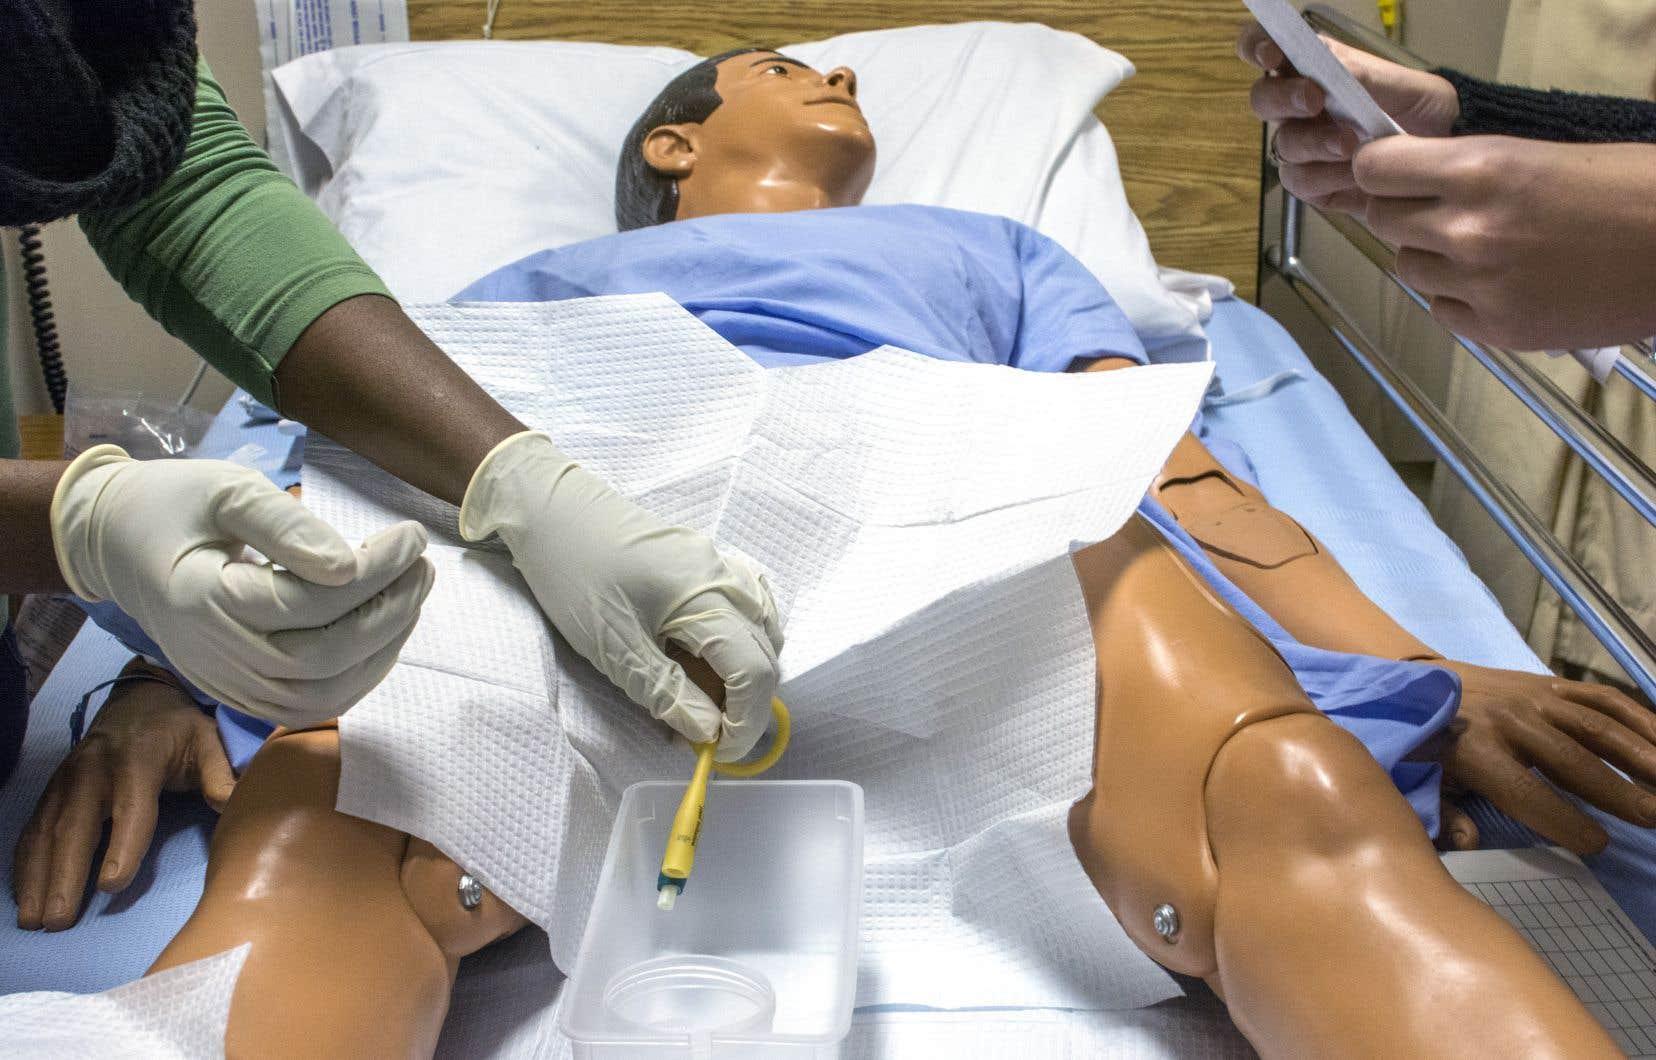 Les infirmières formées dans les cégeps développent peu de compétences en soins critiques, en réadaptation et en santé communautaire puisque ces sujets sont enseignés uniquement dans le cadre de la formation universitaire, souligne l'auteur.